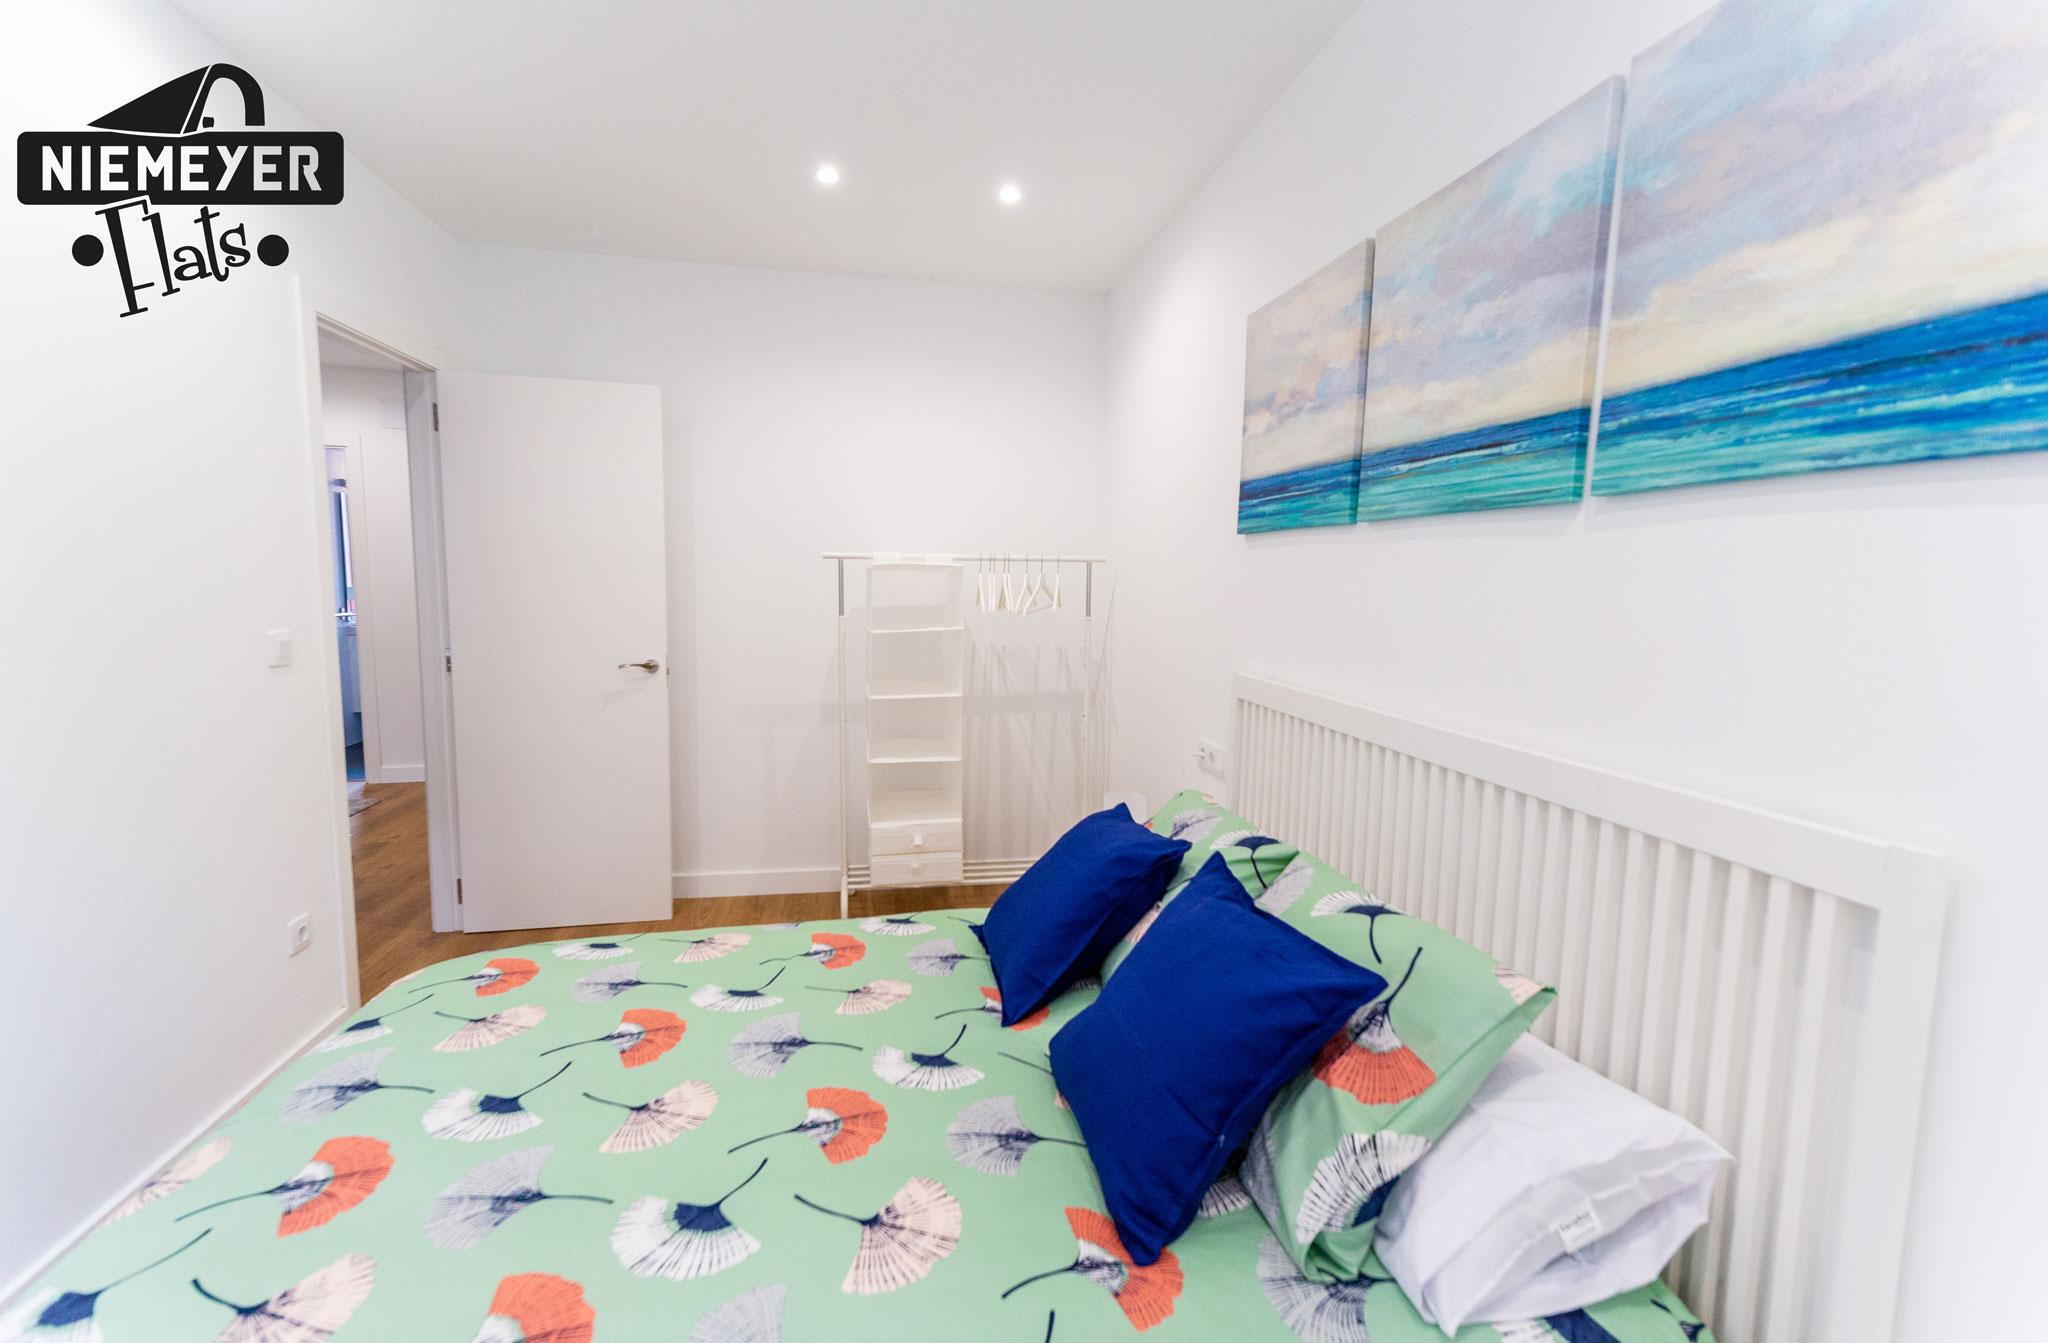 Niemeyer Flats habitación